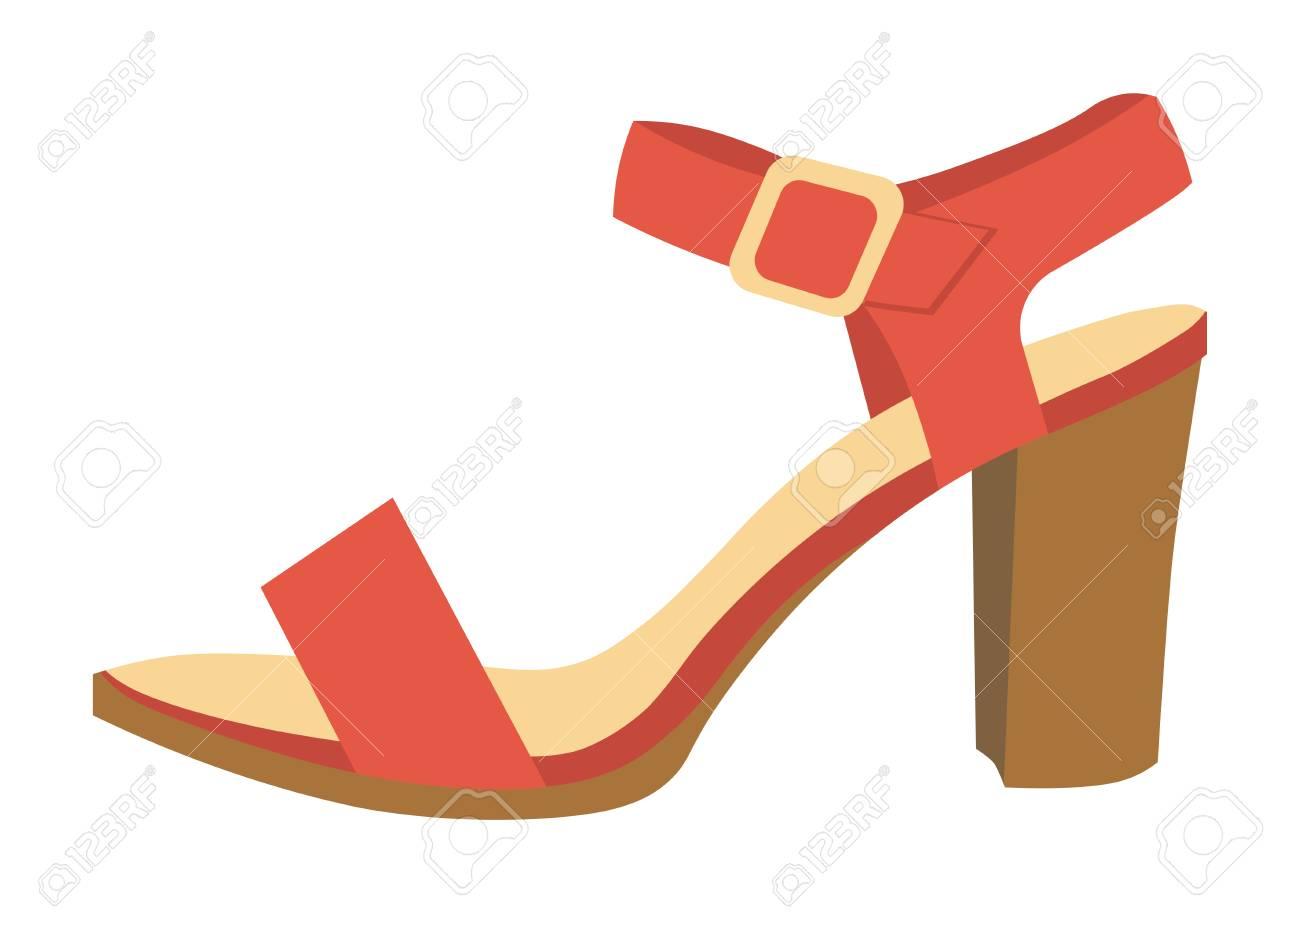 recherche d'authentique comment commander achats Sandale femme élégante rouge avec ceintures en cuir sur talon confortable  isolé illustration vectorielle plane de dessin animé sur fond blanc. ...